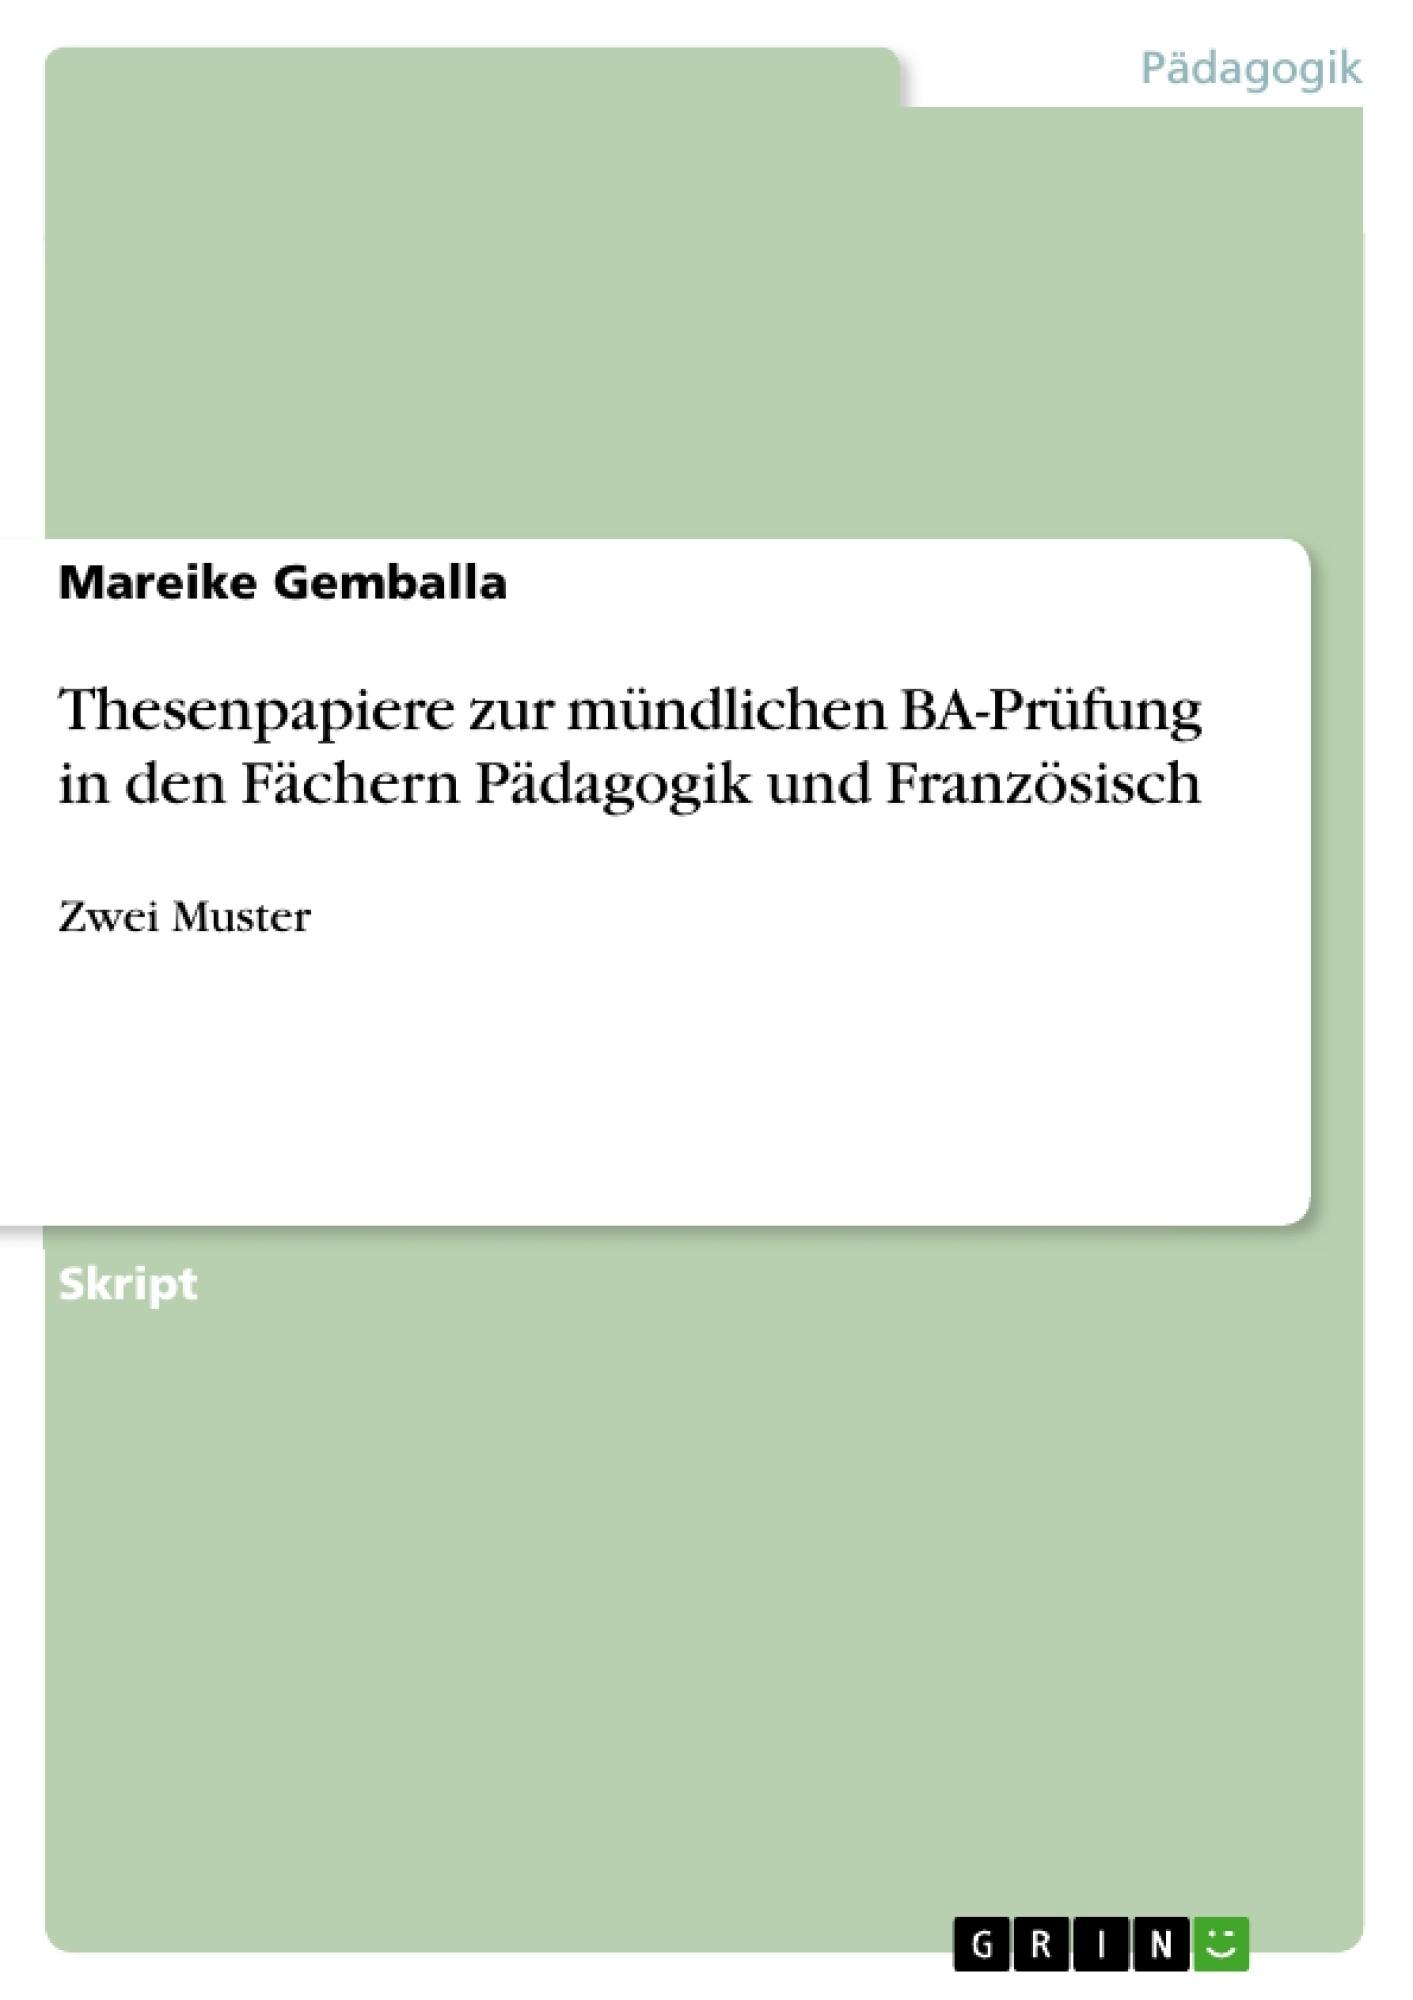 Titel: Thesenpapiere zur mündlichen BA-Prüfung in den Fächern Pädagogik und Französisch